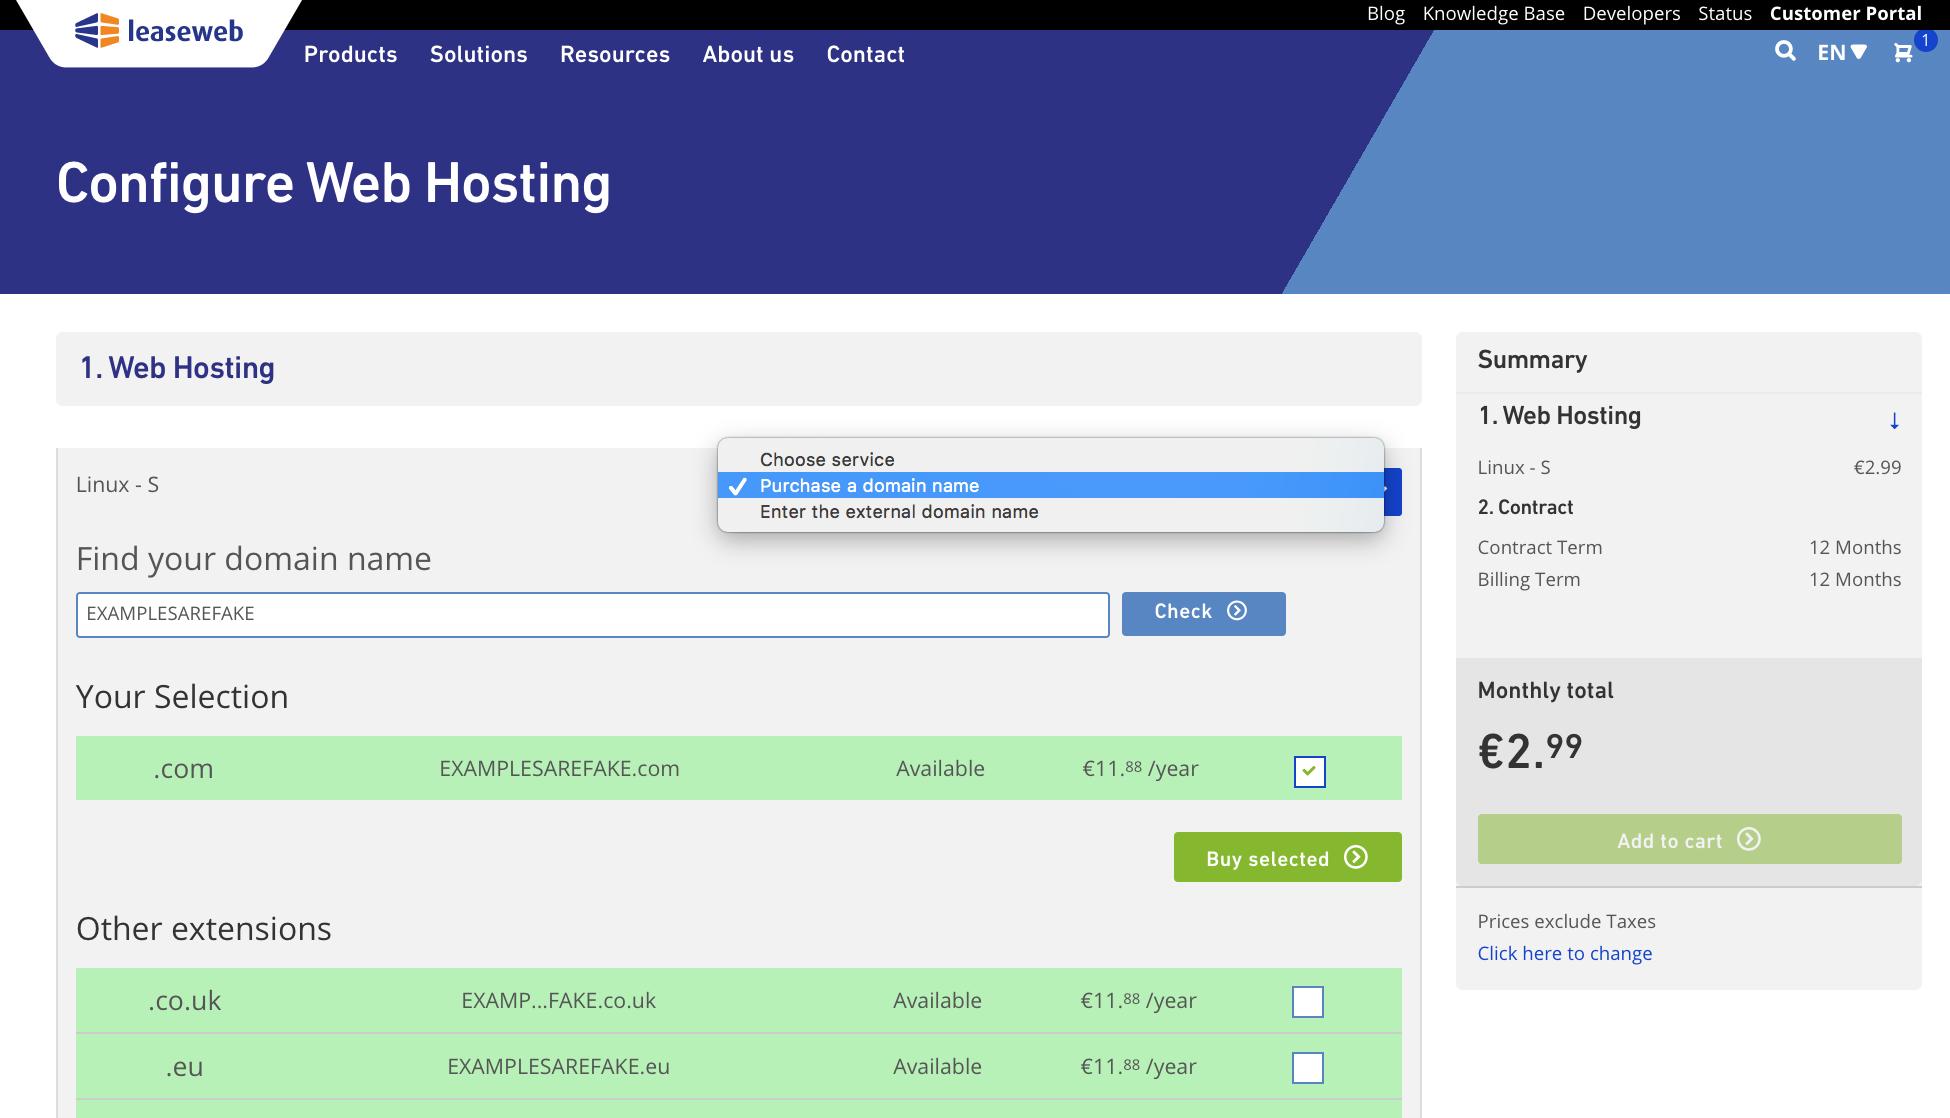 Web Hosting - Knowledge Base